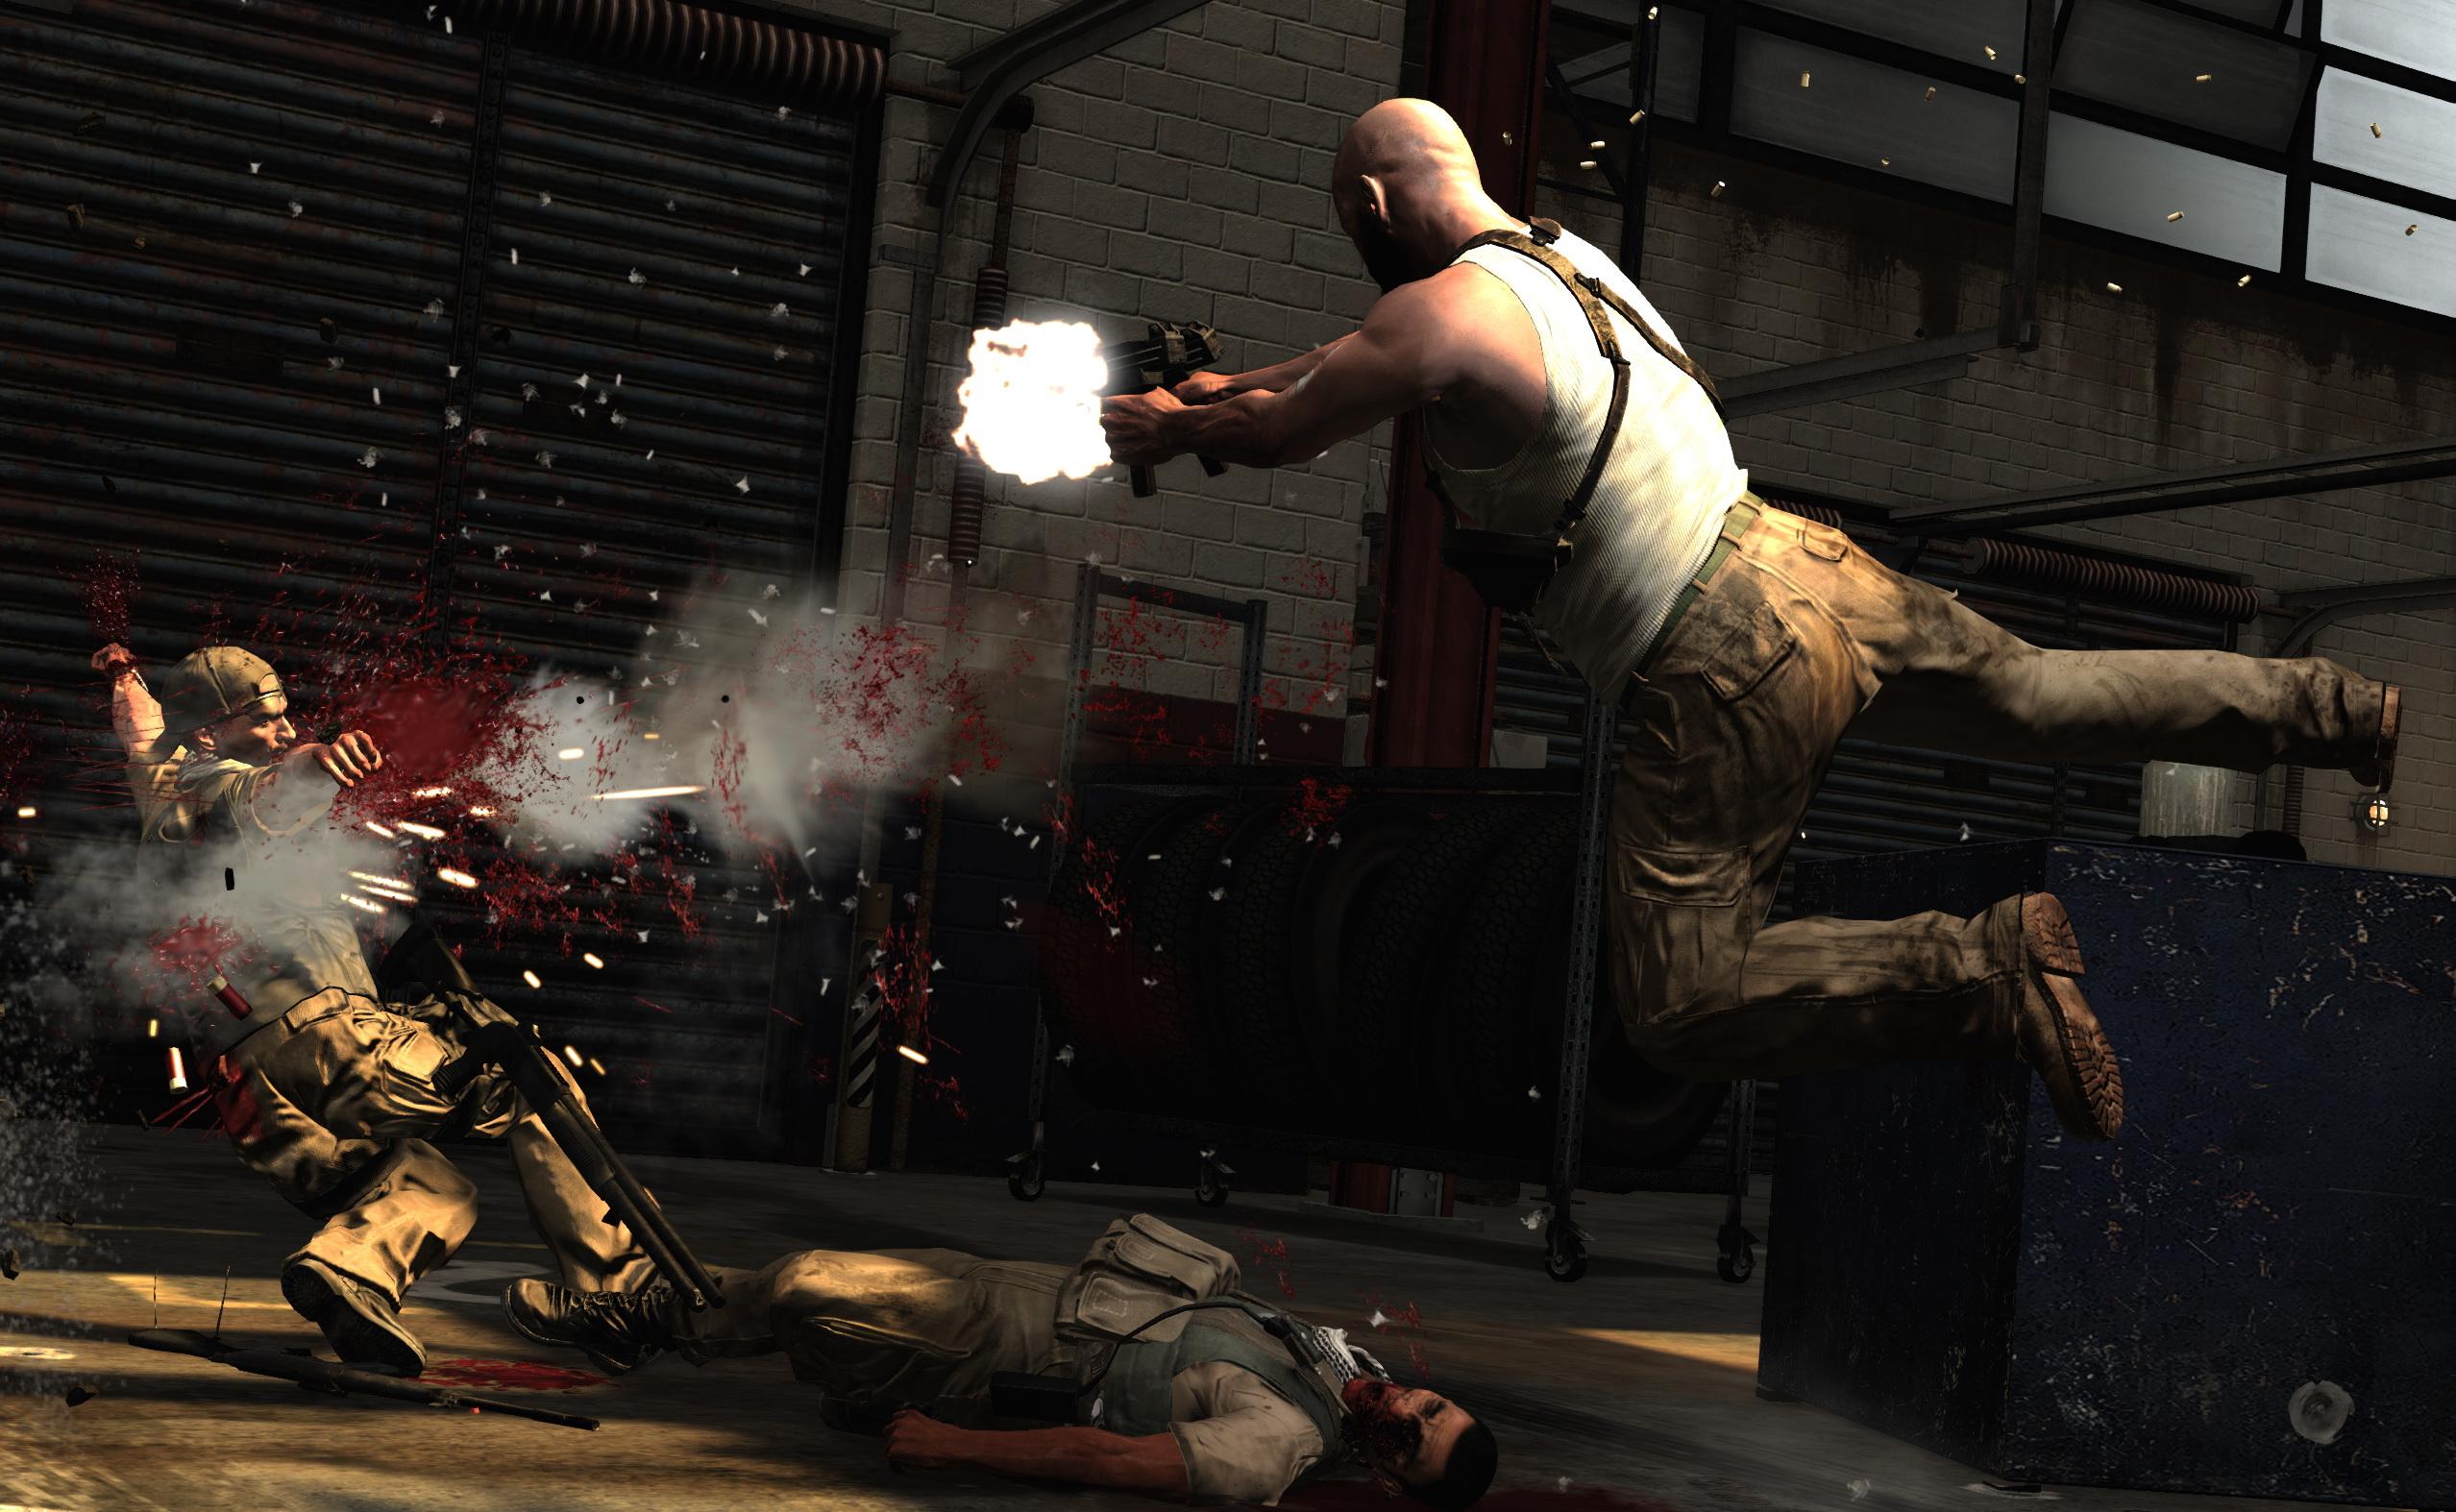 В этой игре можно толпами расстреливать наркодилеров, убийц и прочих виртуальных злодеев и причём, делать это красиво.